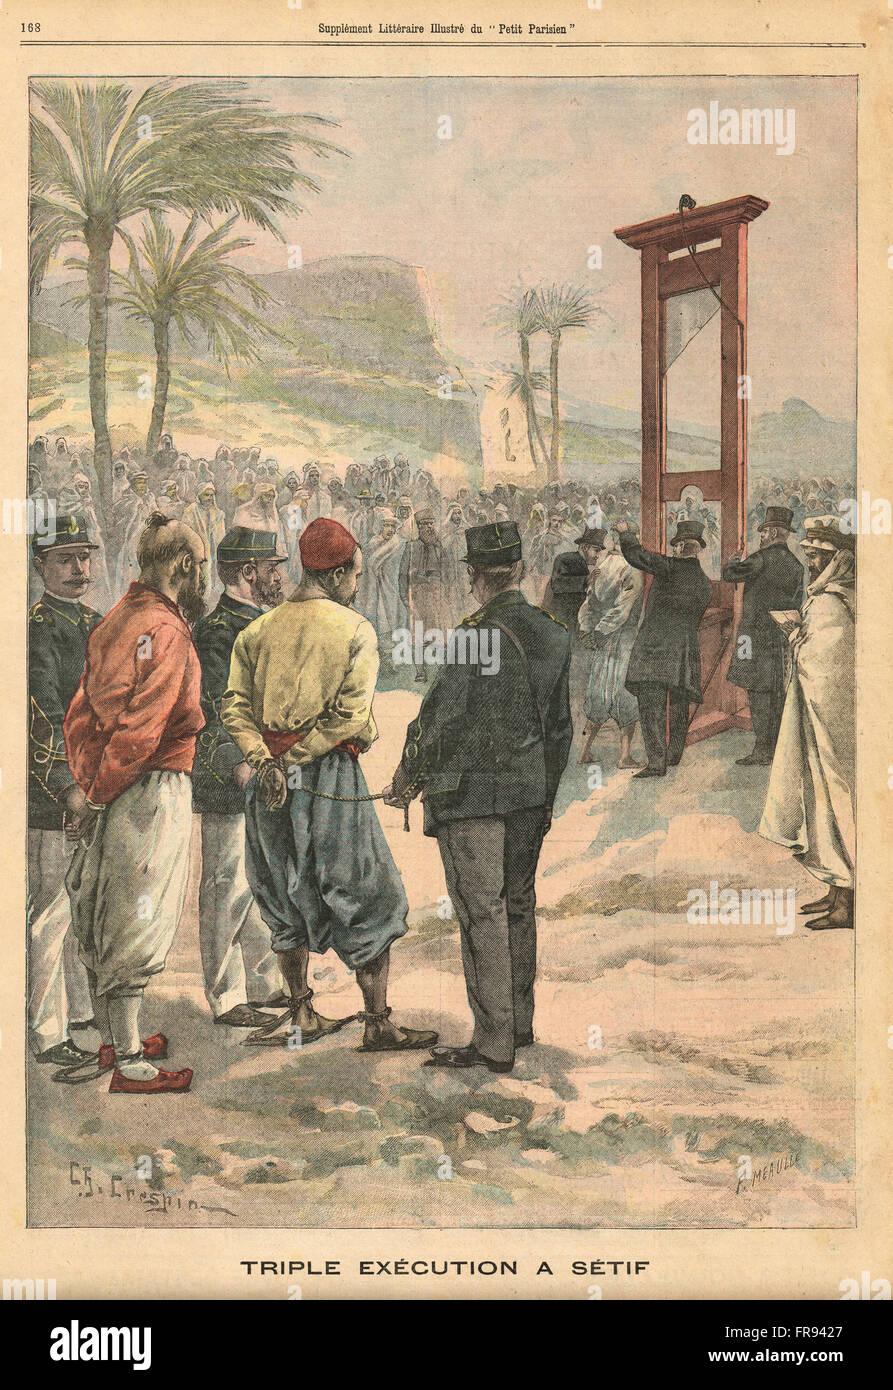 Triple execution, Setif, Algeria 1900 - Stock Image